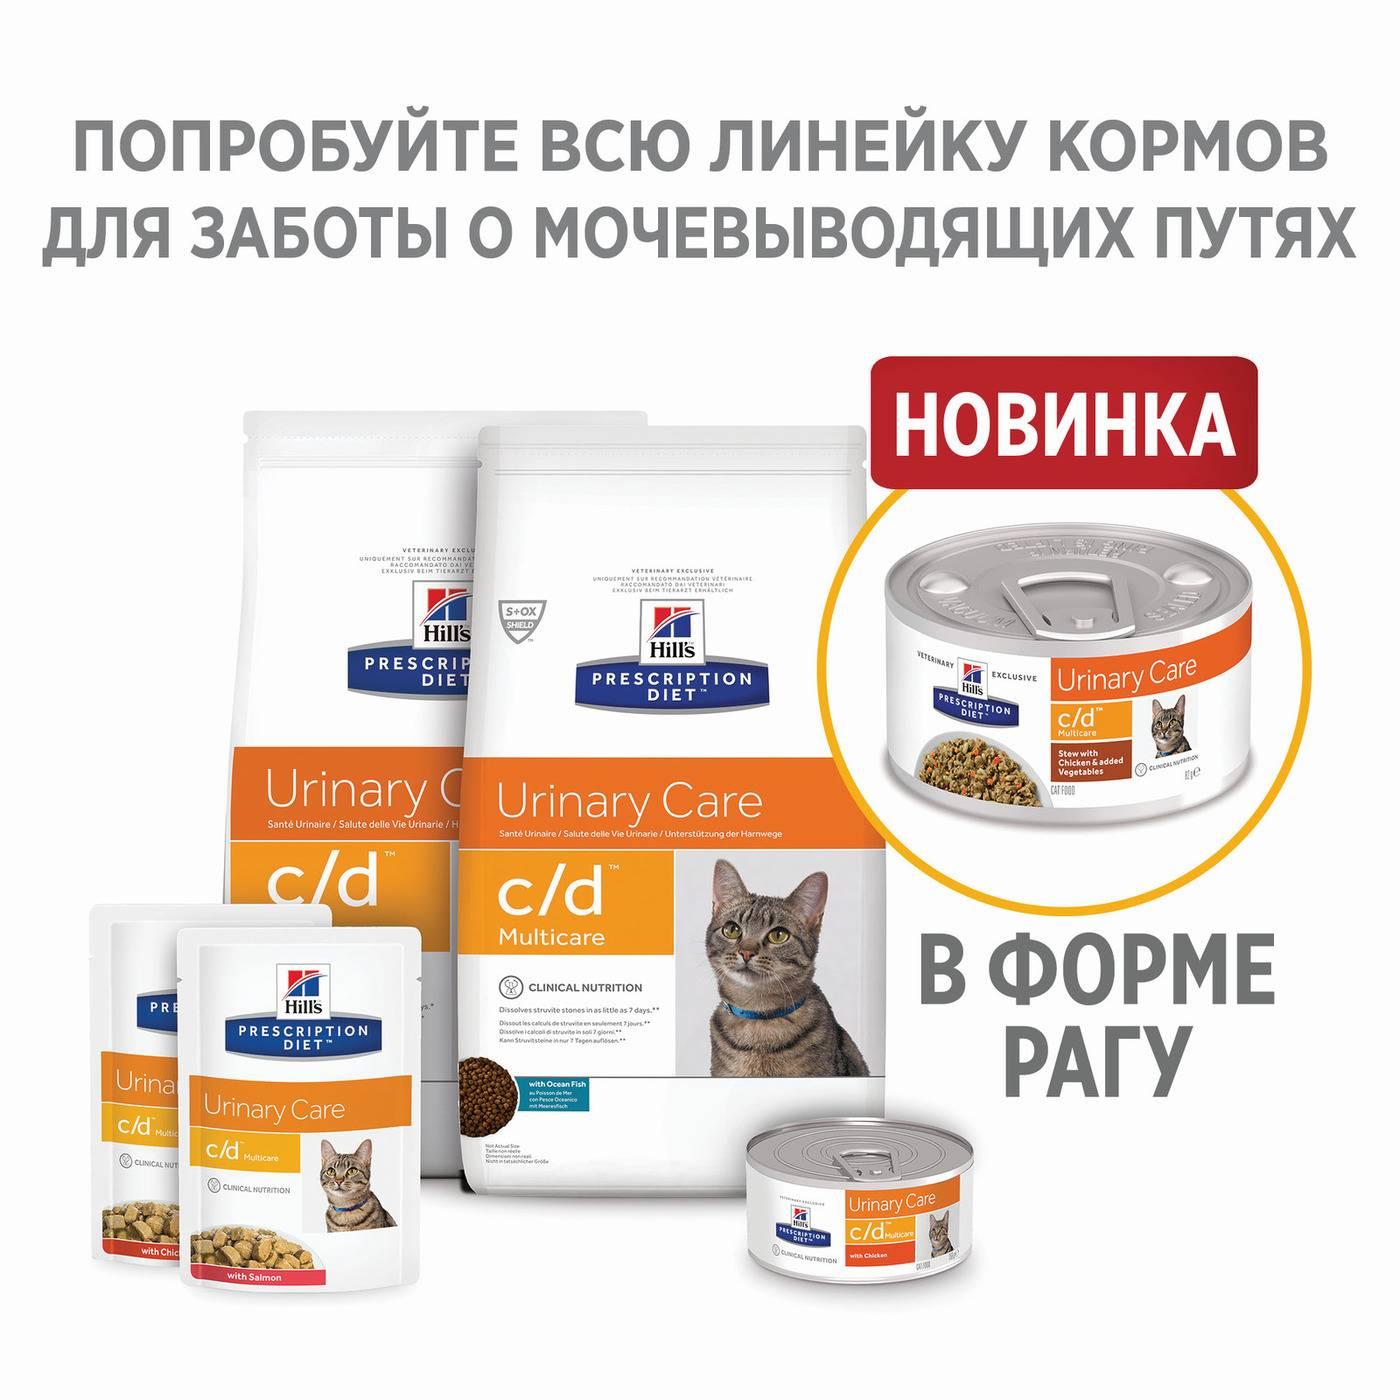 Питание для кошек с мочекаменной болезнью